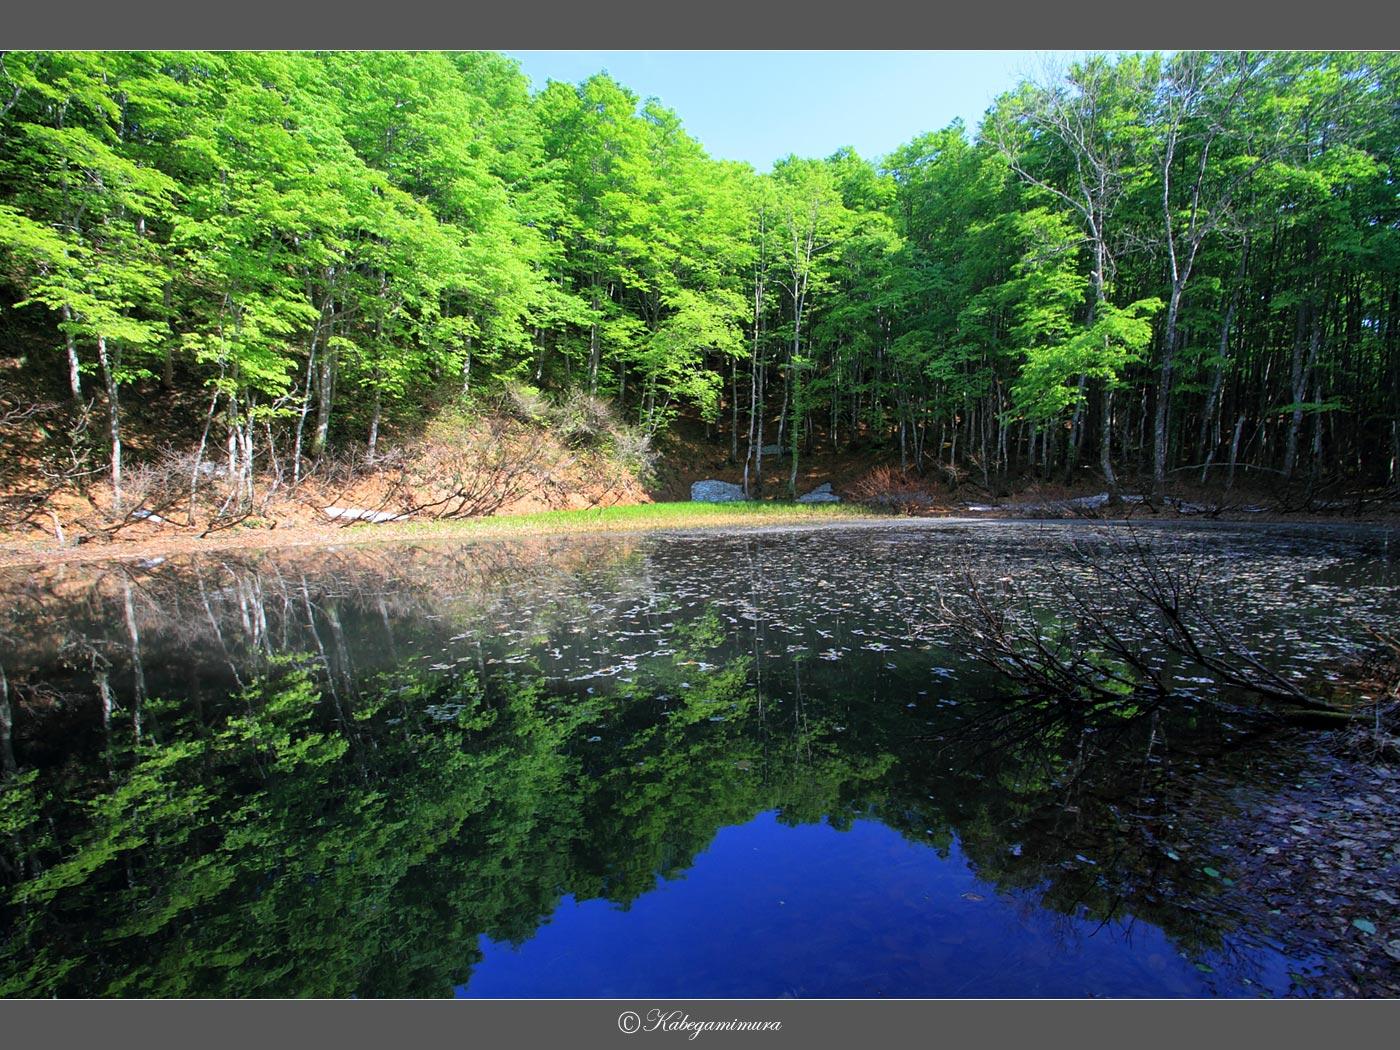 御嶽山頂直下の池に映ずるブナ林 | 壁紙自然派 - 楽天ブログ